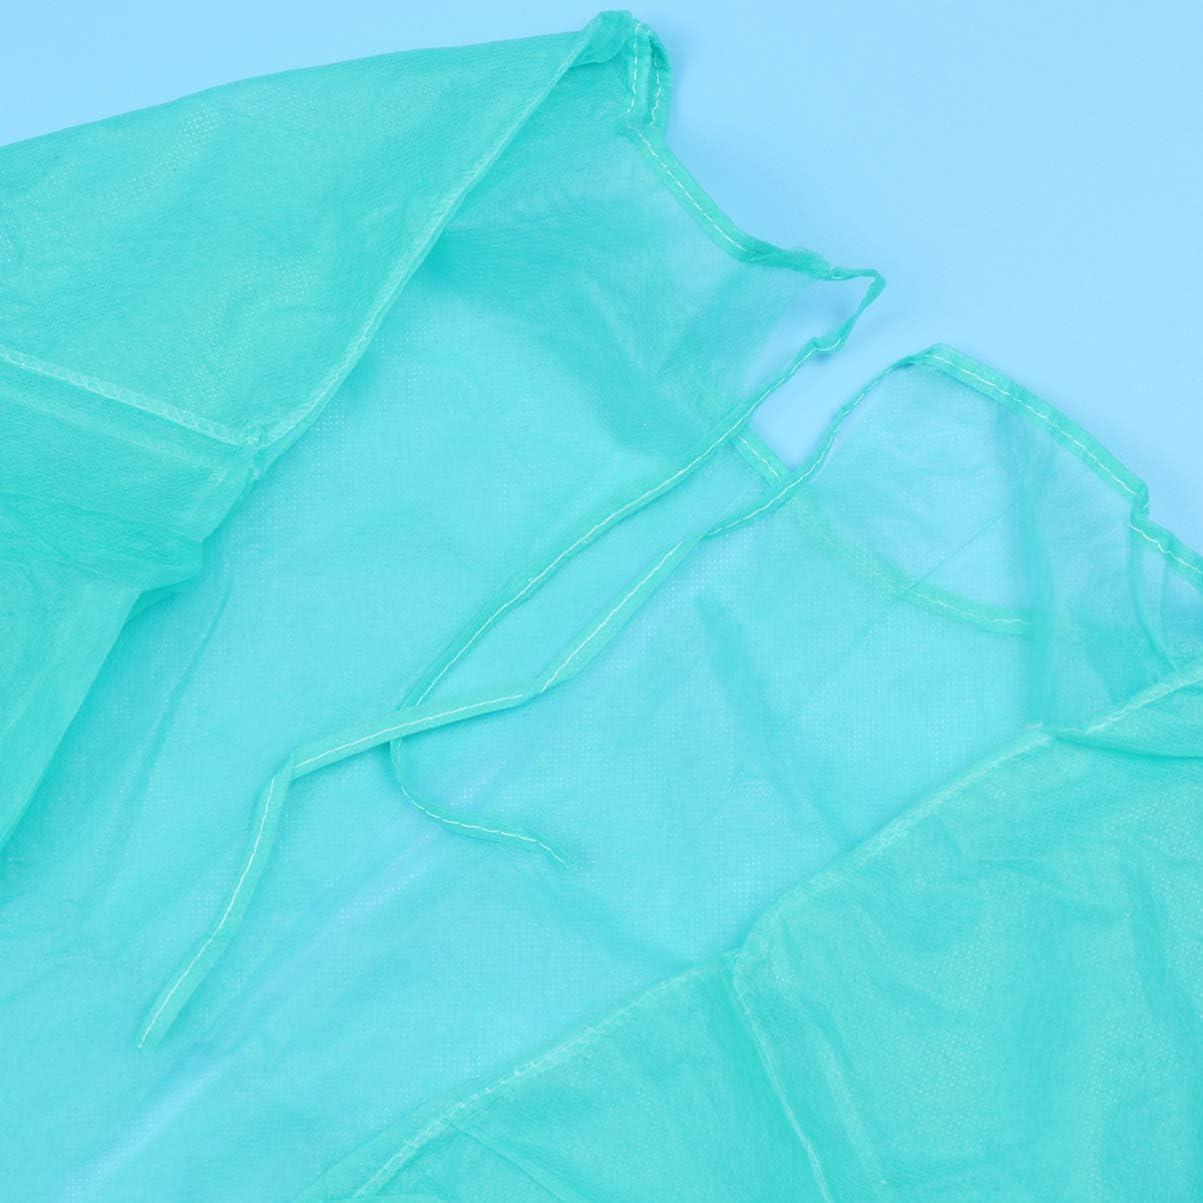 PRETYZOOM Abiti Monouso per Adulti Camici Protettivi con Maniche Lunghe Collo E Cravatte Camici da Visita Verde